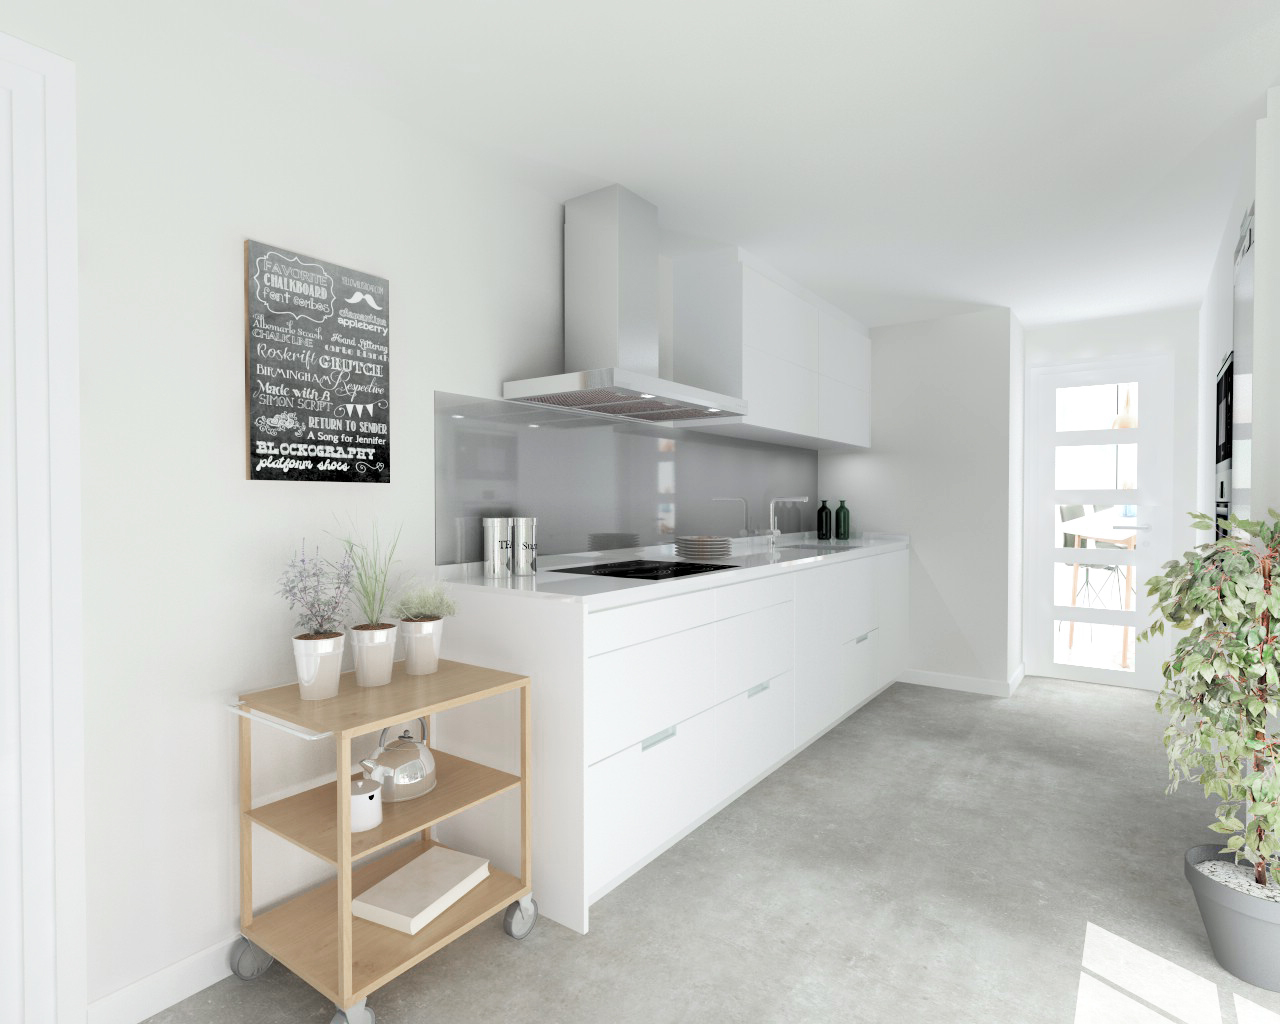 Imagen3 estudio cocinas dc - Cocinas santos valencia ...